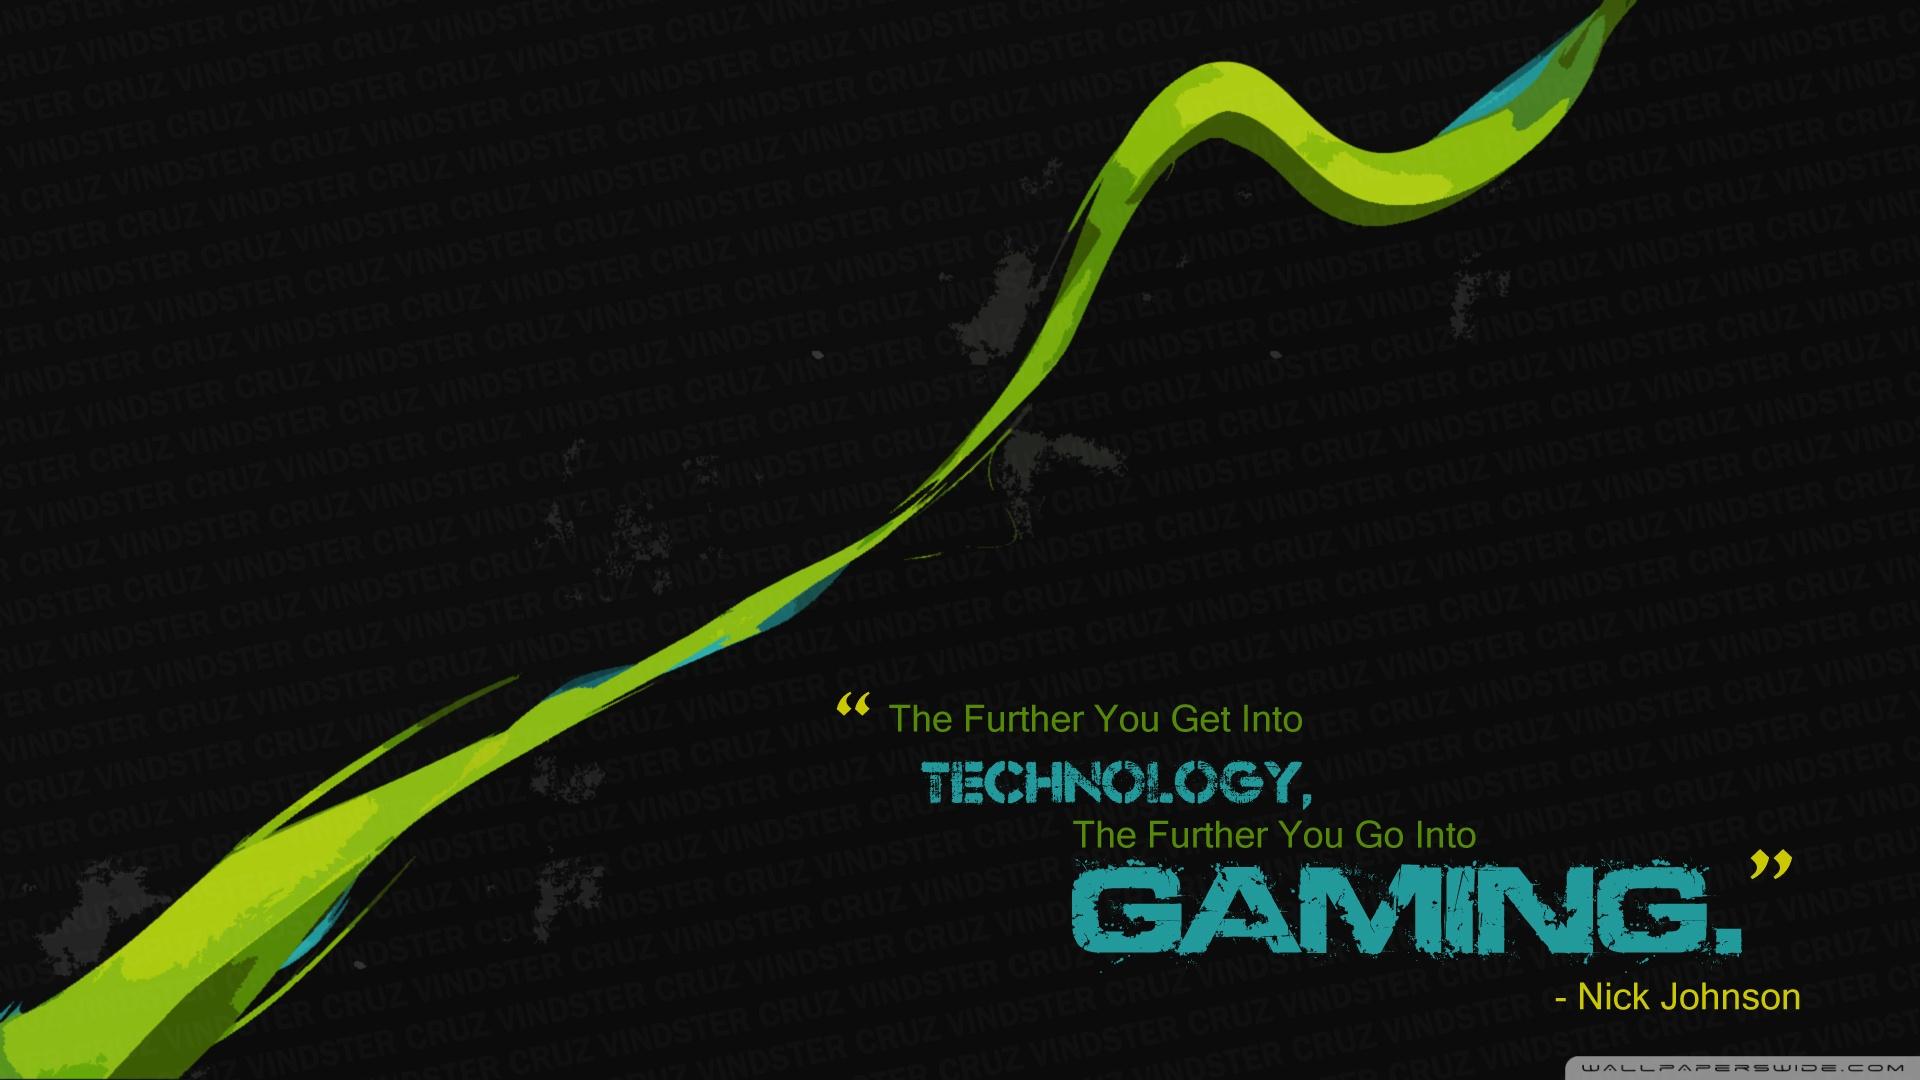 Ultra hd gaming wallpapers wallpapersafari for Trending wallpaper